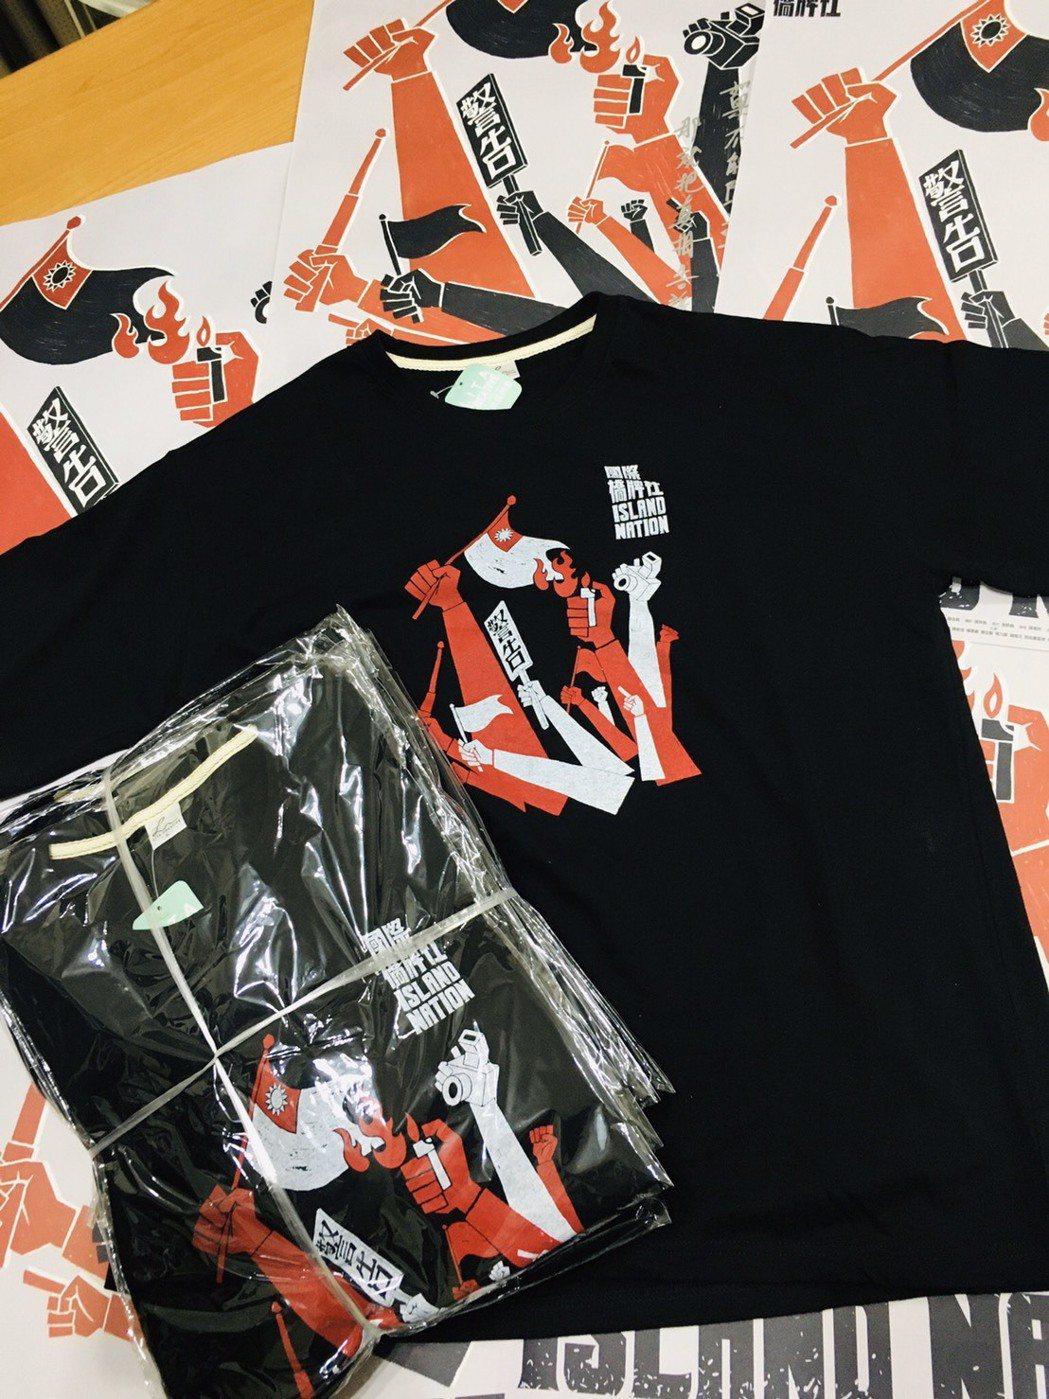 「國際橋牌社」主題T-shirt。圖/國際橋牌社提供